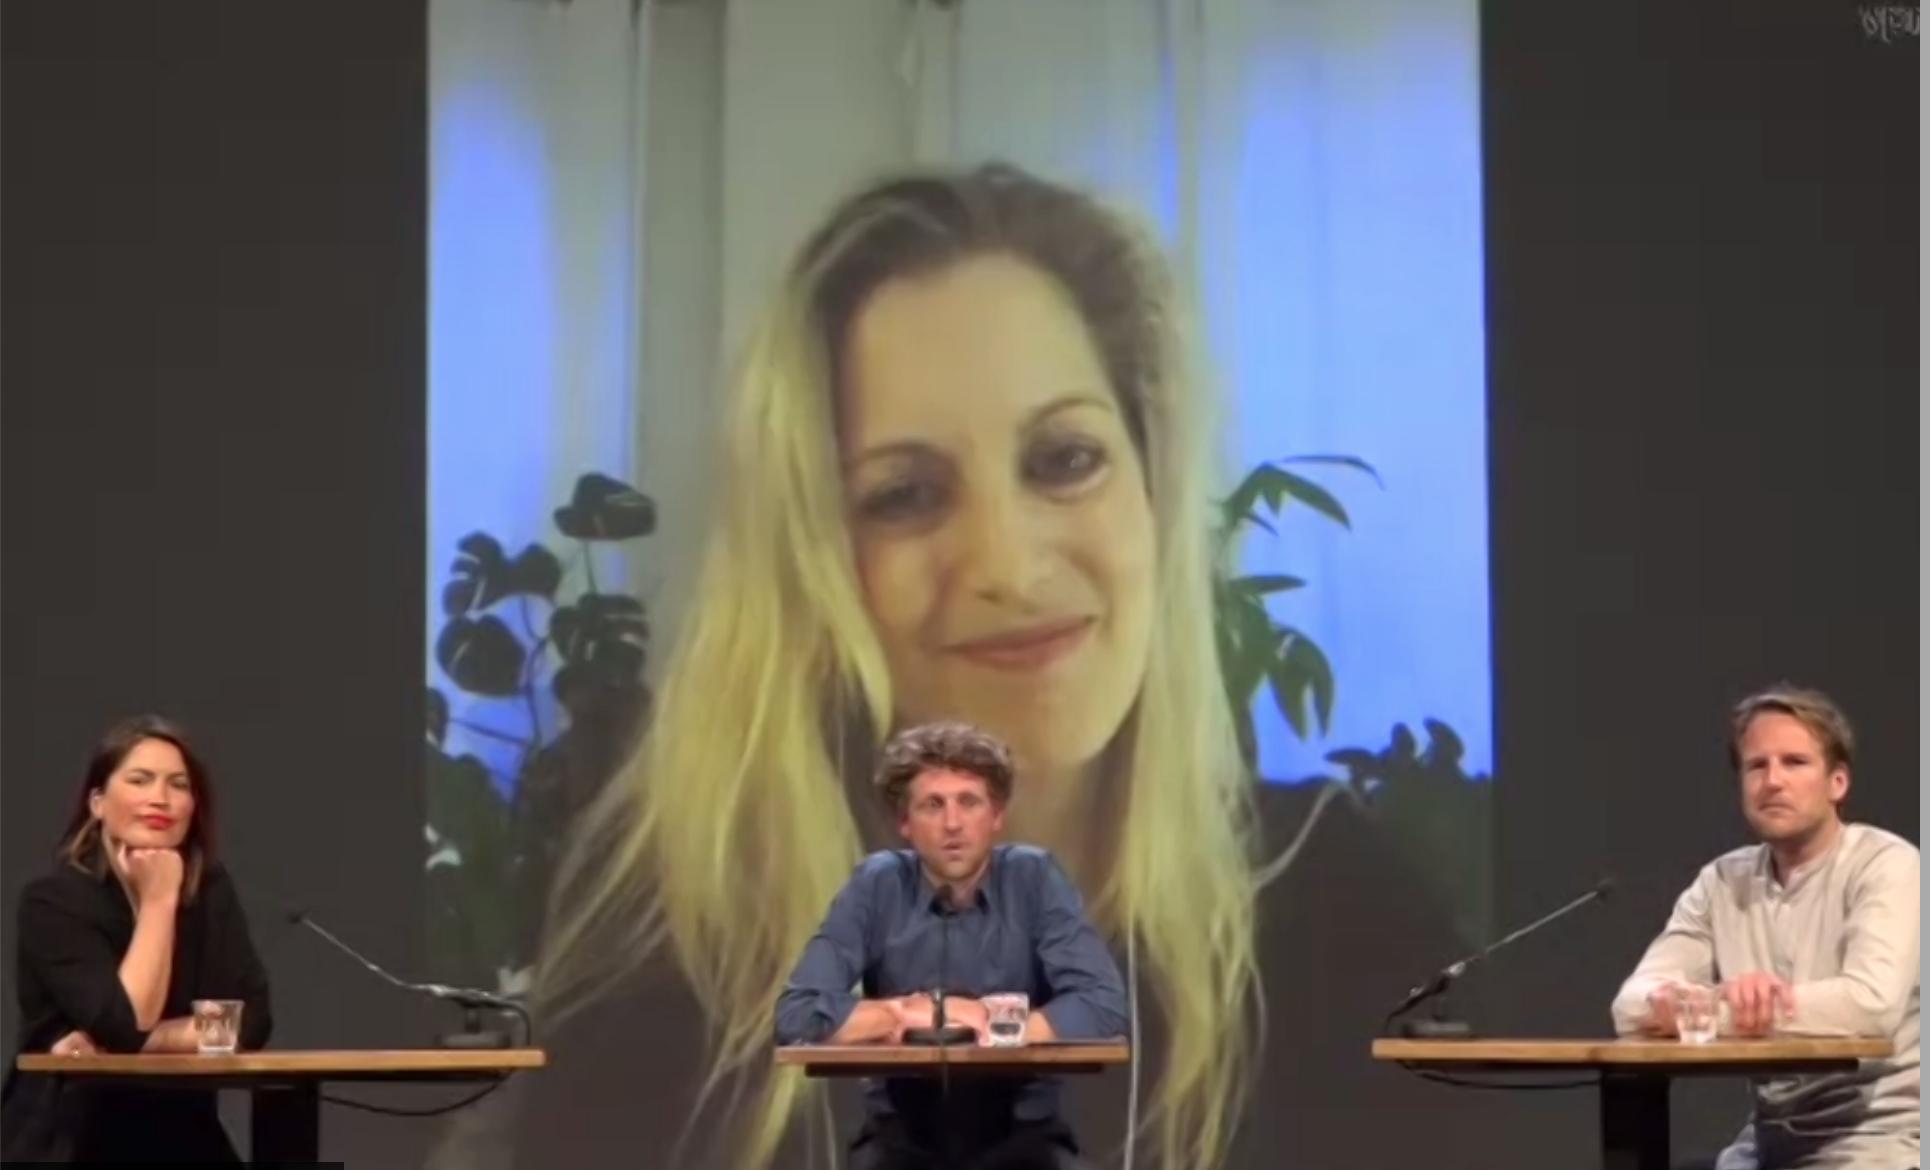 Eva Rovers pitcht Reclame Fossielvrij tijdens de Tegenlicht Meetup in Pakhuis De Zwijger